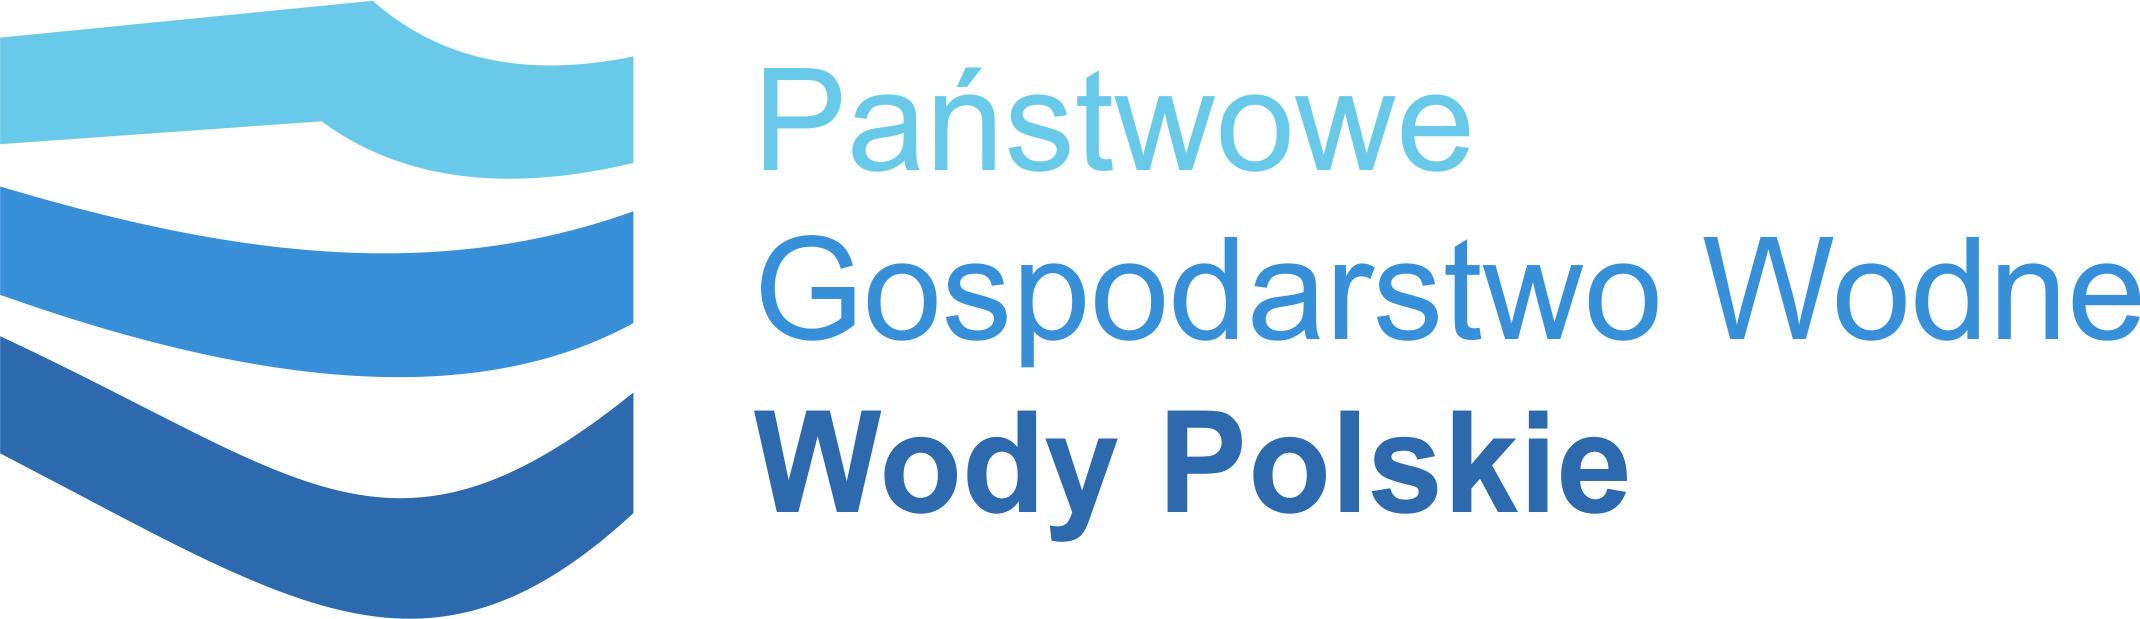 Państwowe Gospodarstwo Wodne Wody Polskie